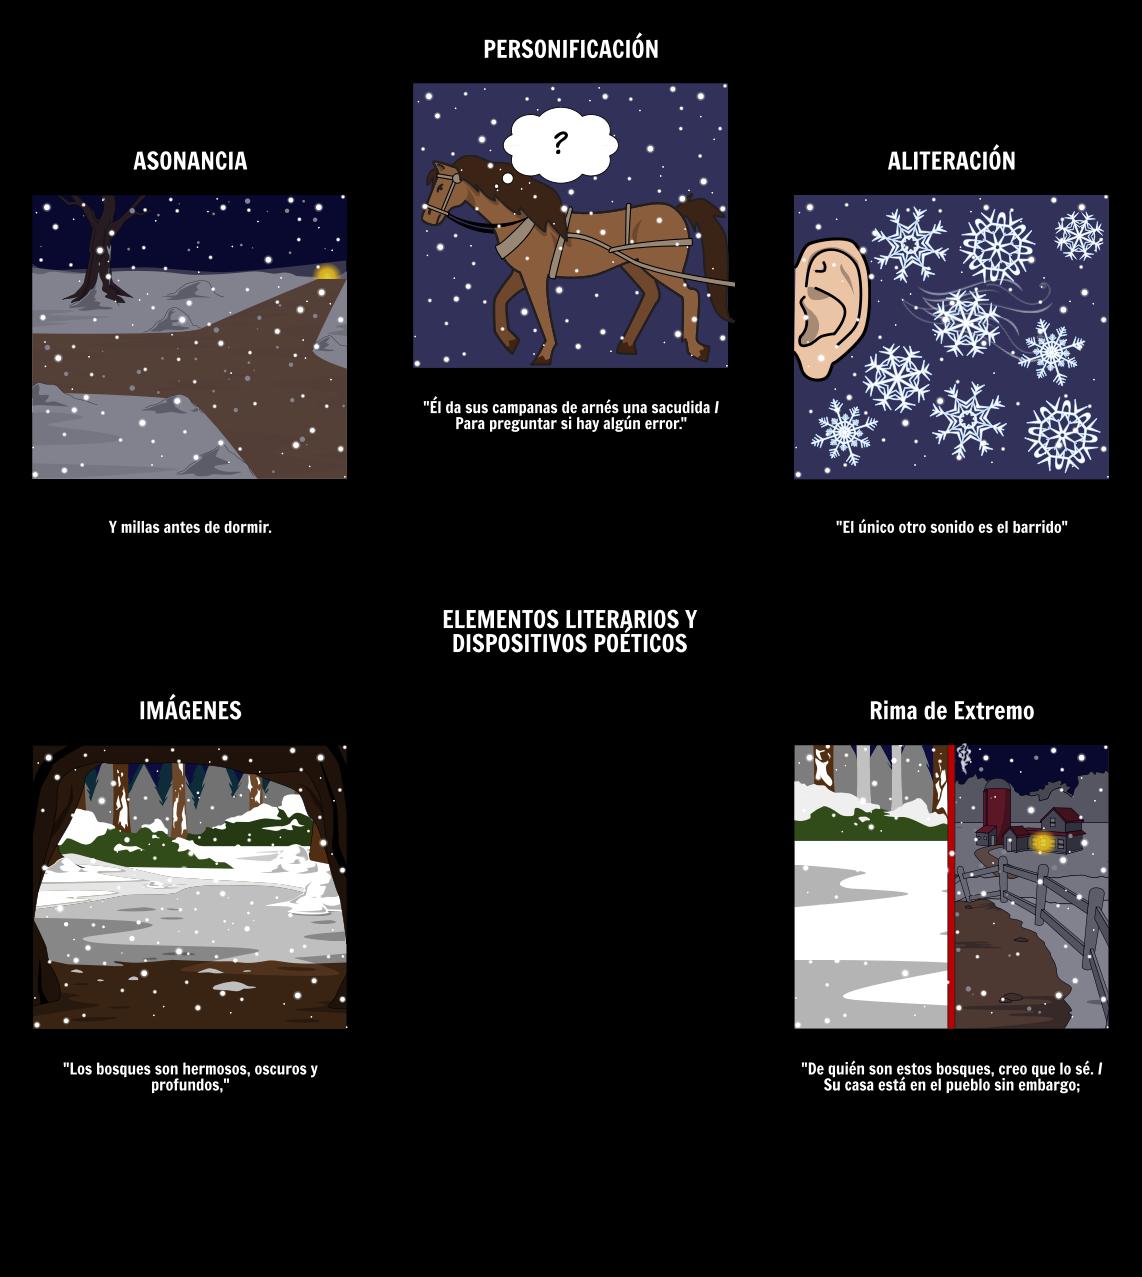 Elementos Literarios en la Detención por Woods en una Noche de Nieve